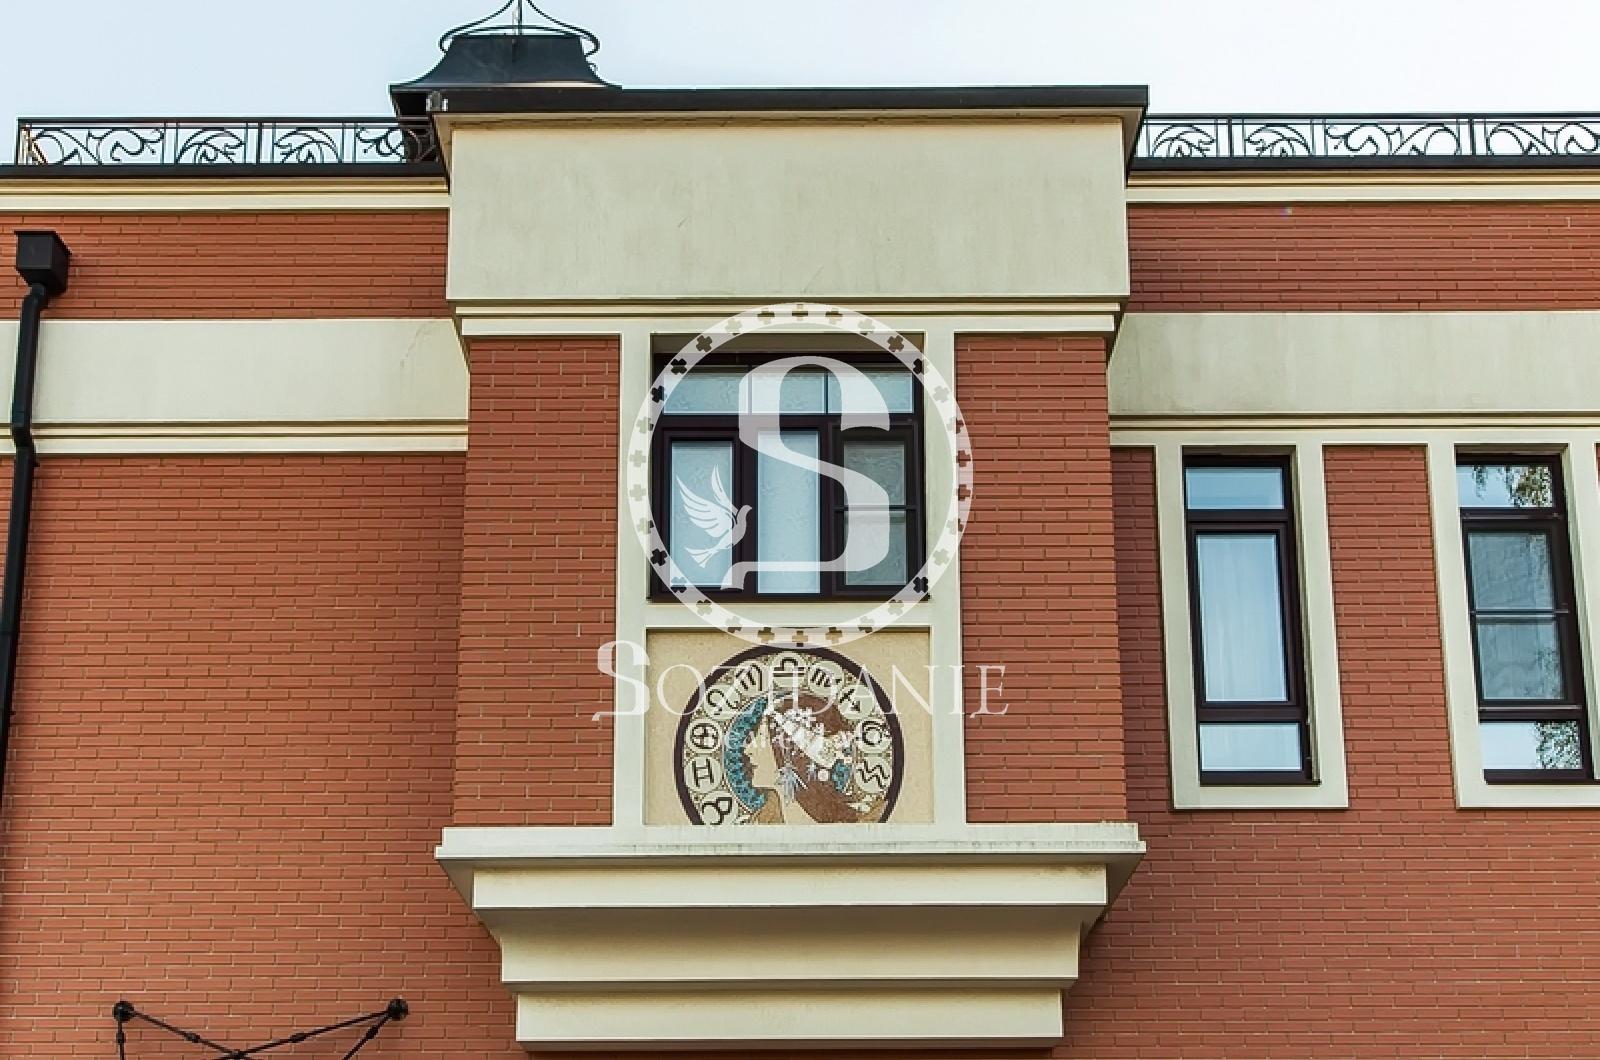 4 Bedrooms, Загородная, Продажа, Listing ID 1399, Московская область, Россия,